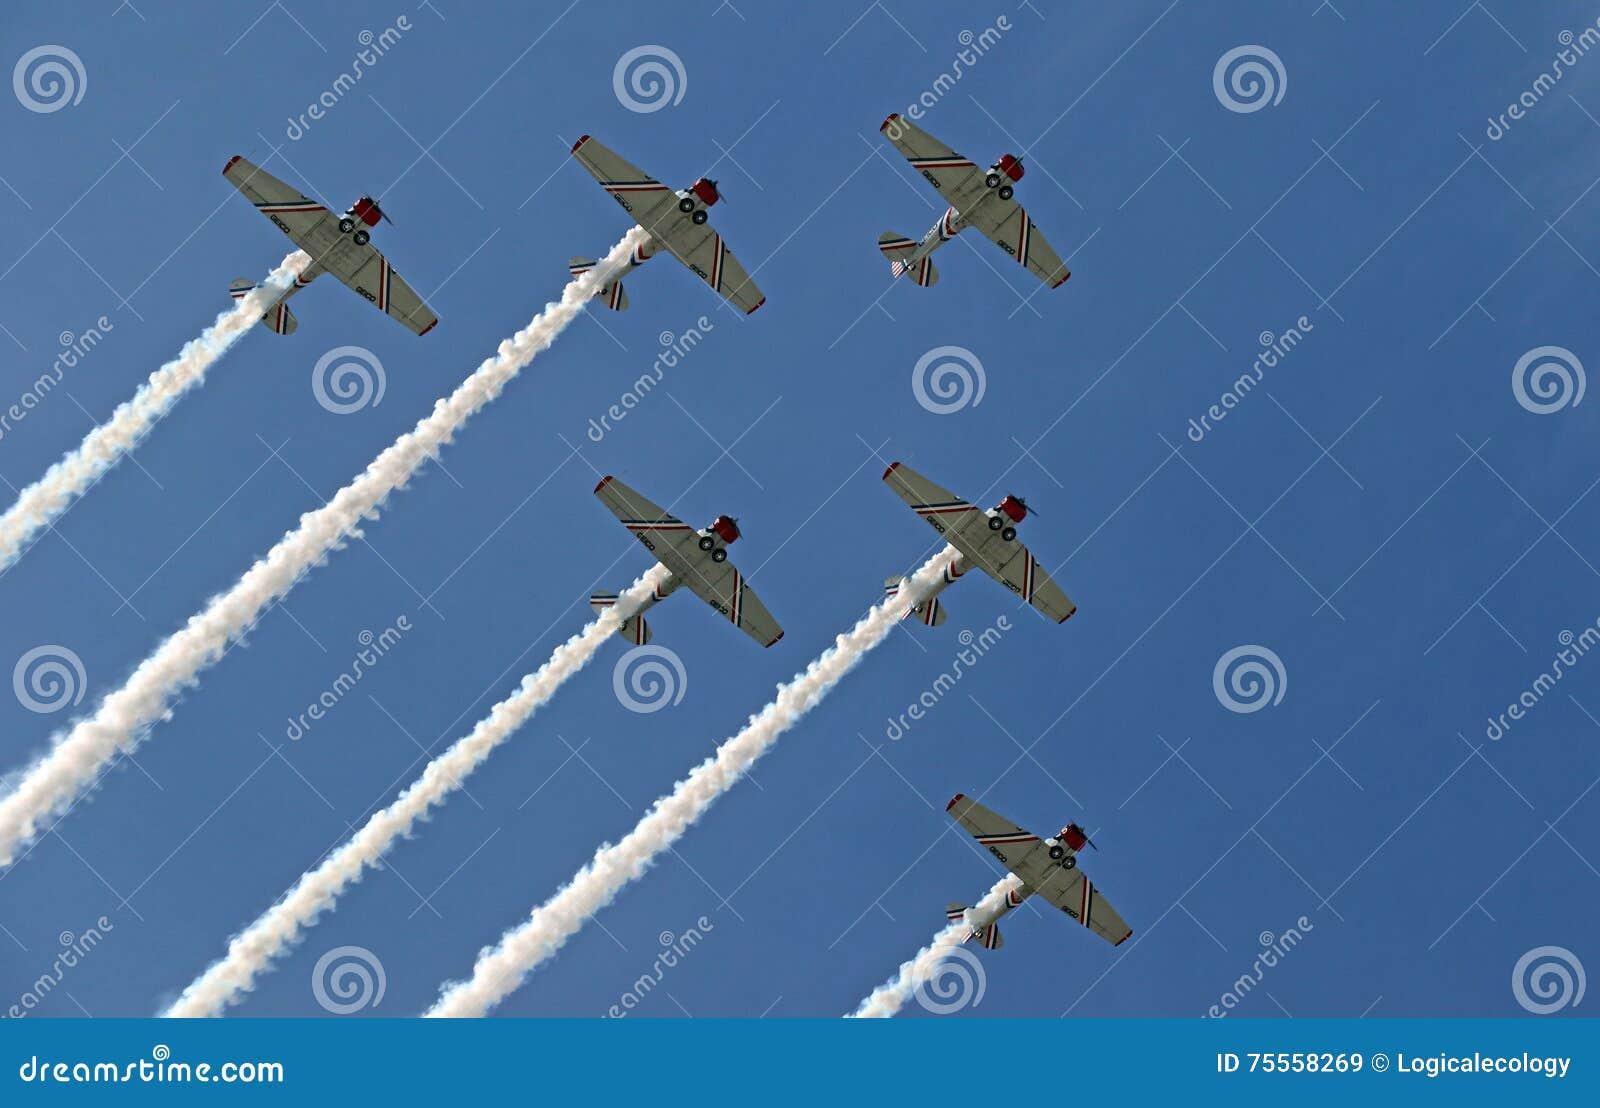 Volo di formazione al CEA AirVenture a Oshkosh